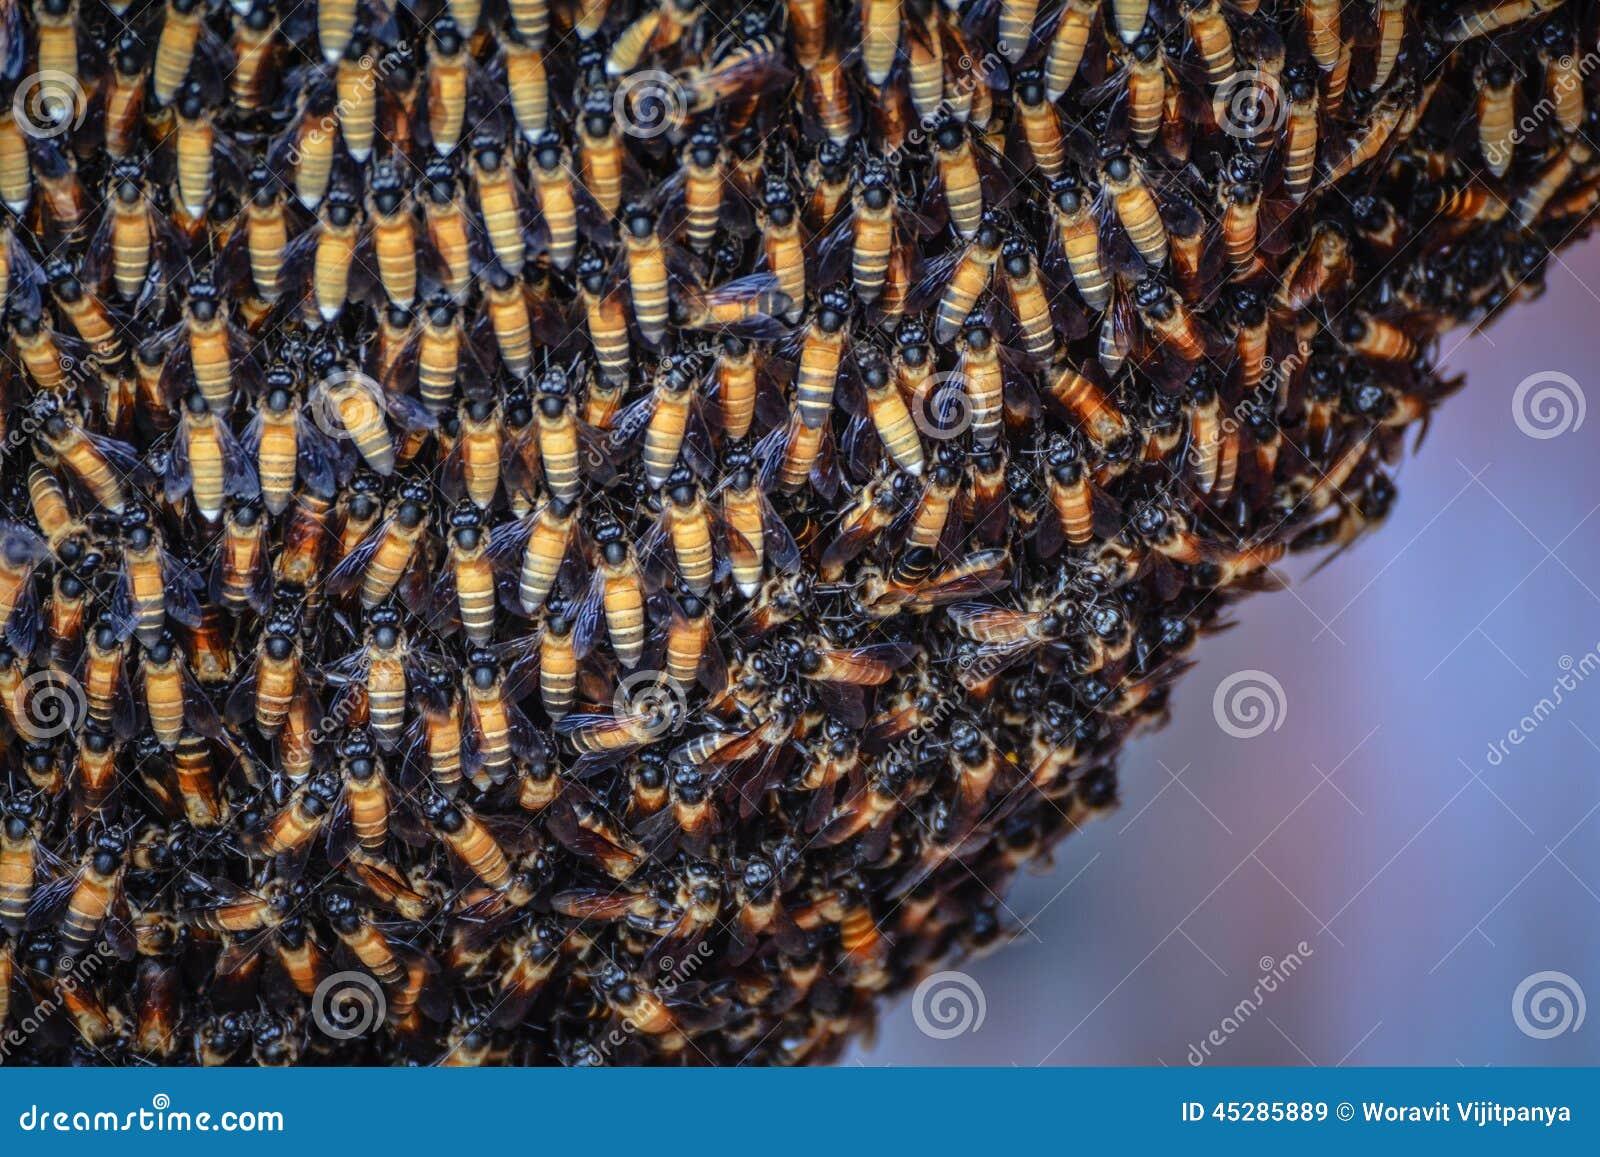 蜜蜂蜂群蜂巢蜂蜜蜜怎么吃图片